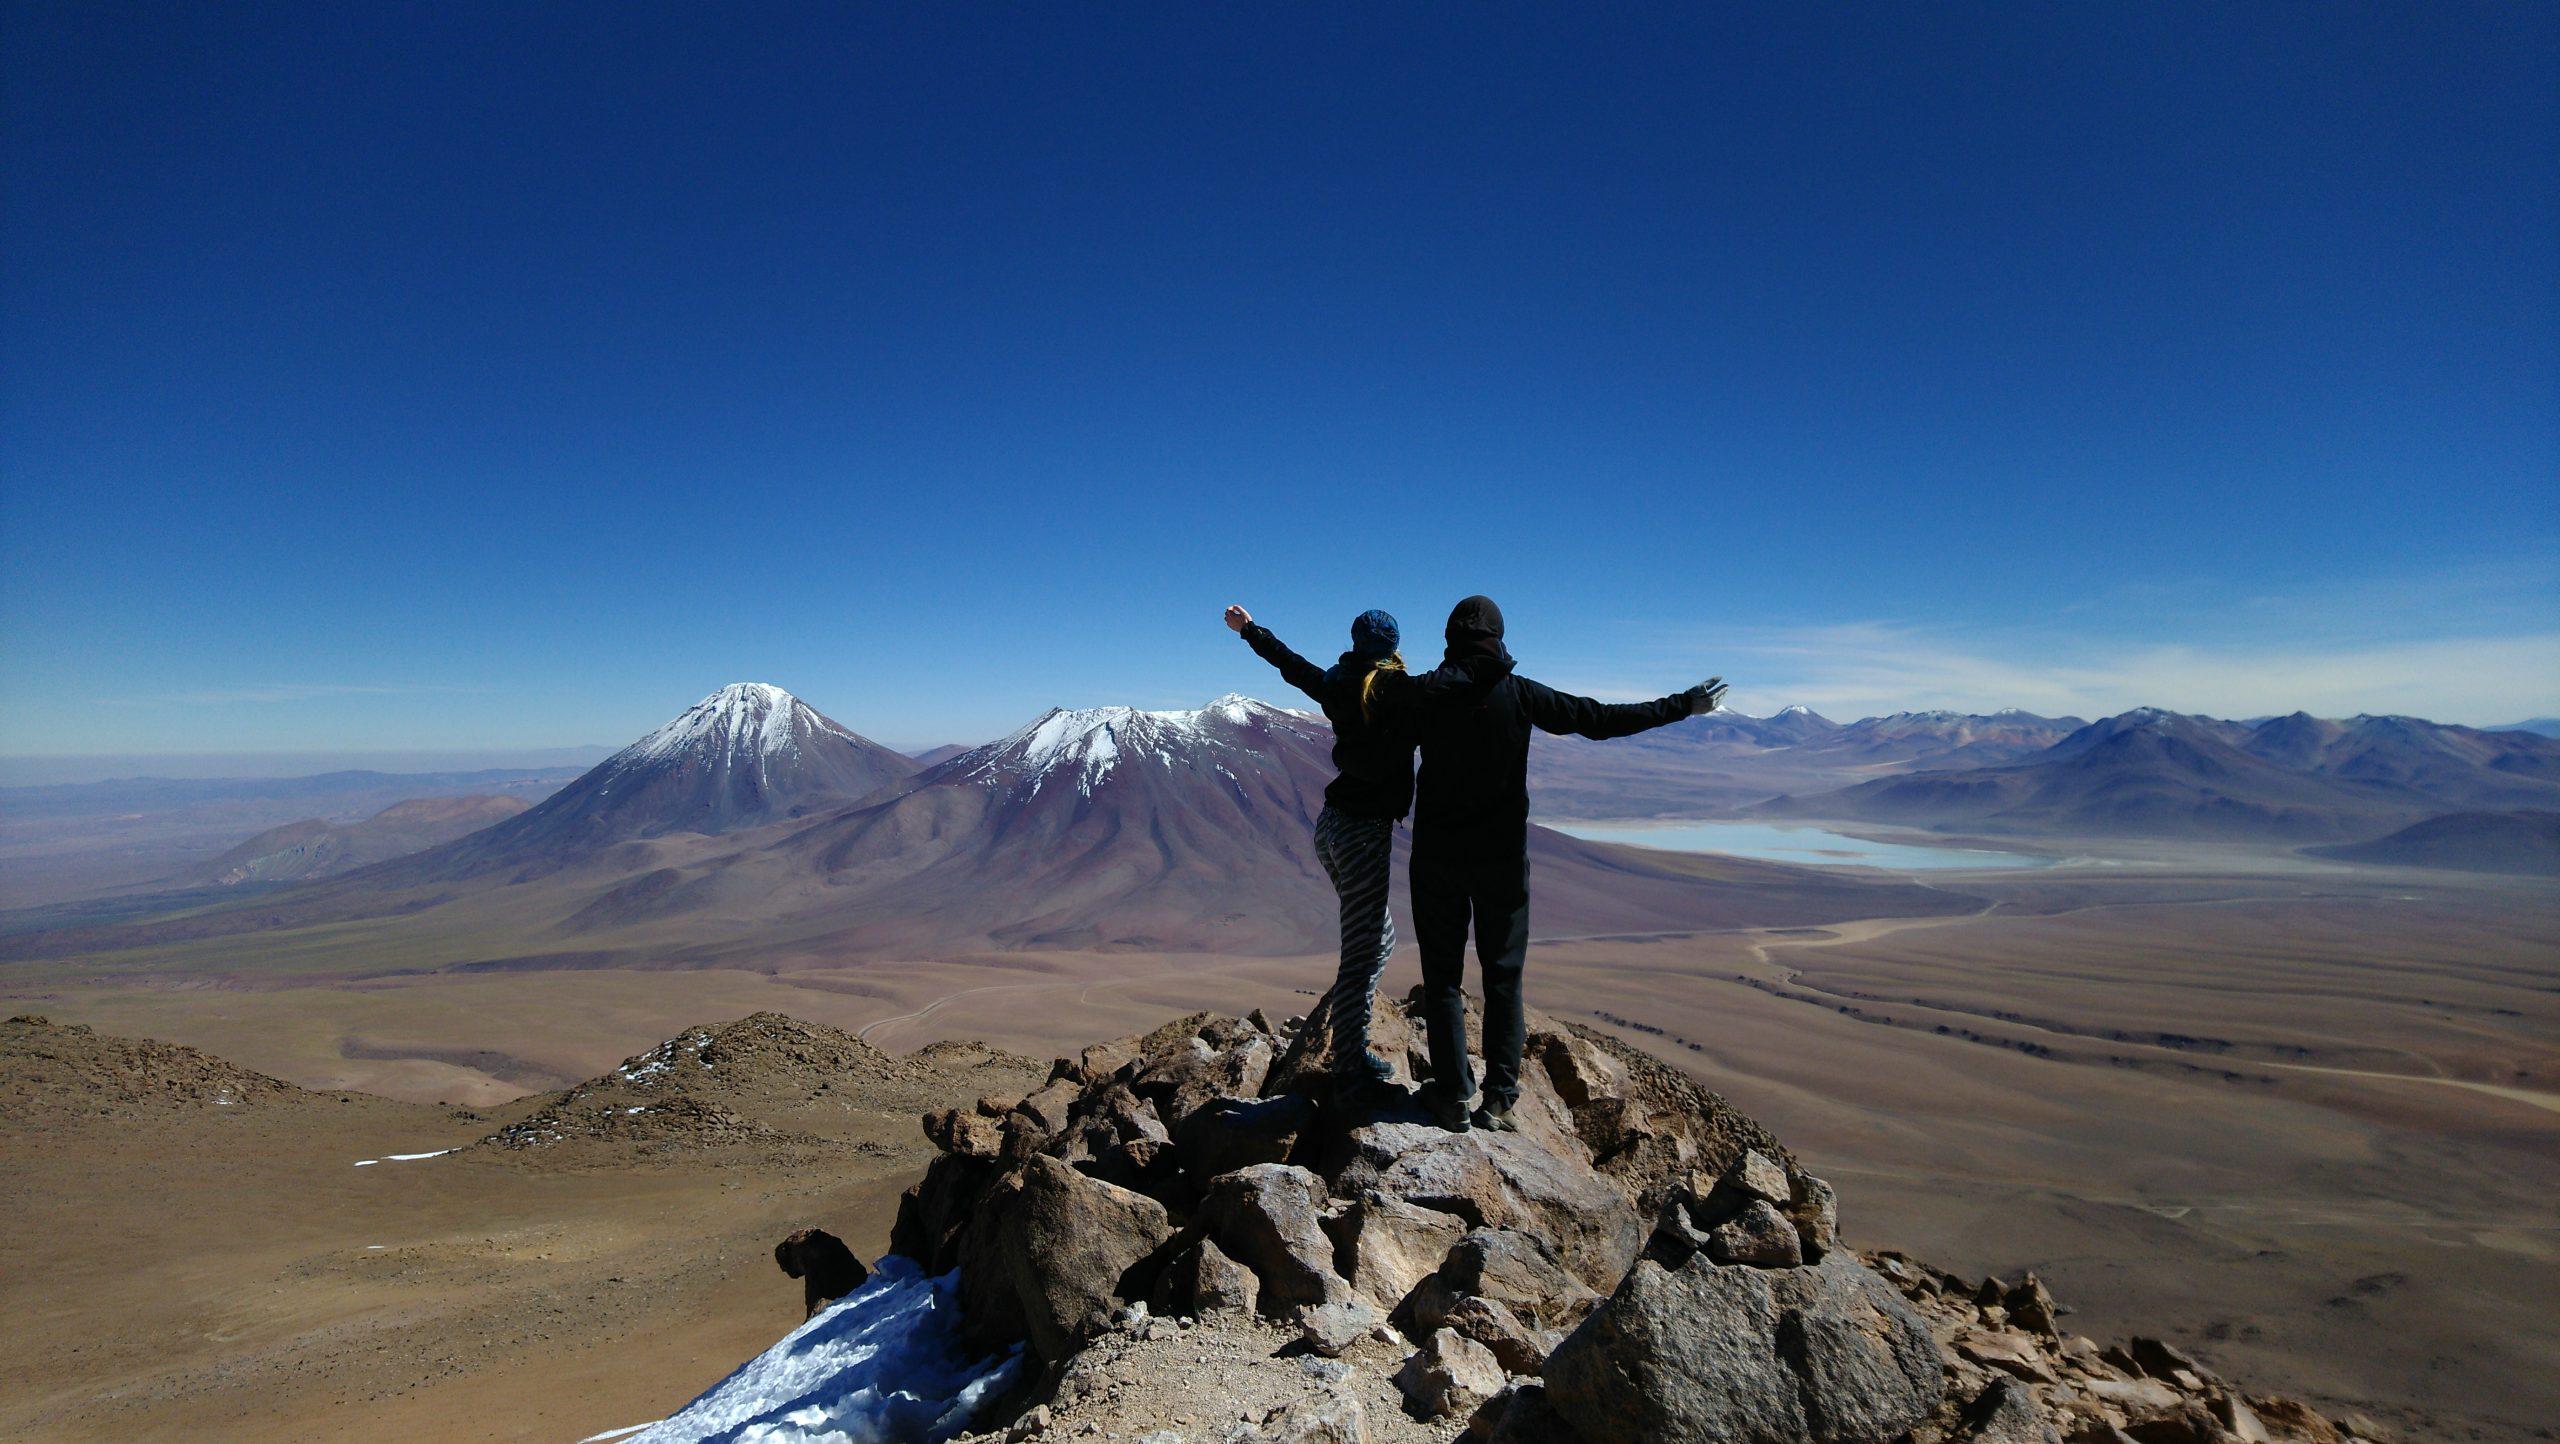 Besteigung des Cerro Toco in Chile